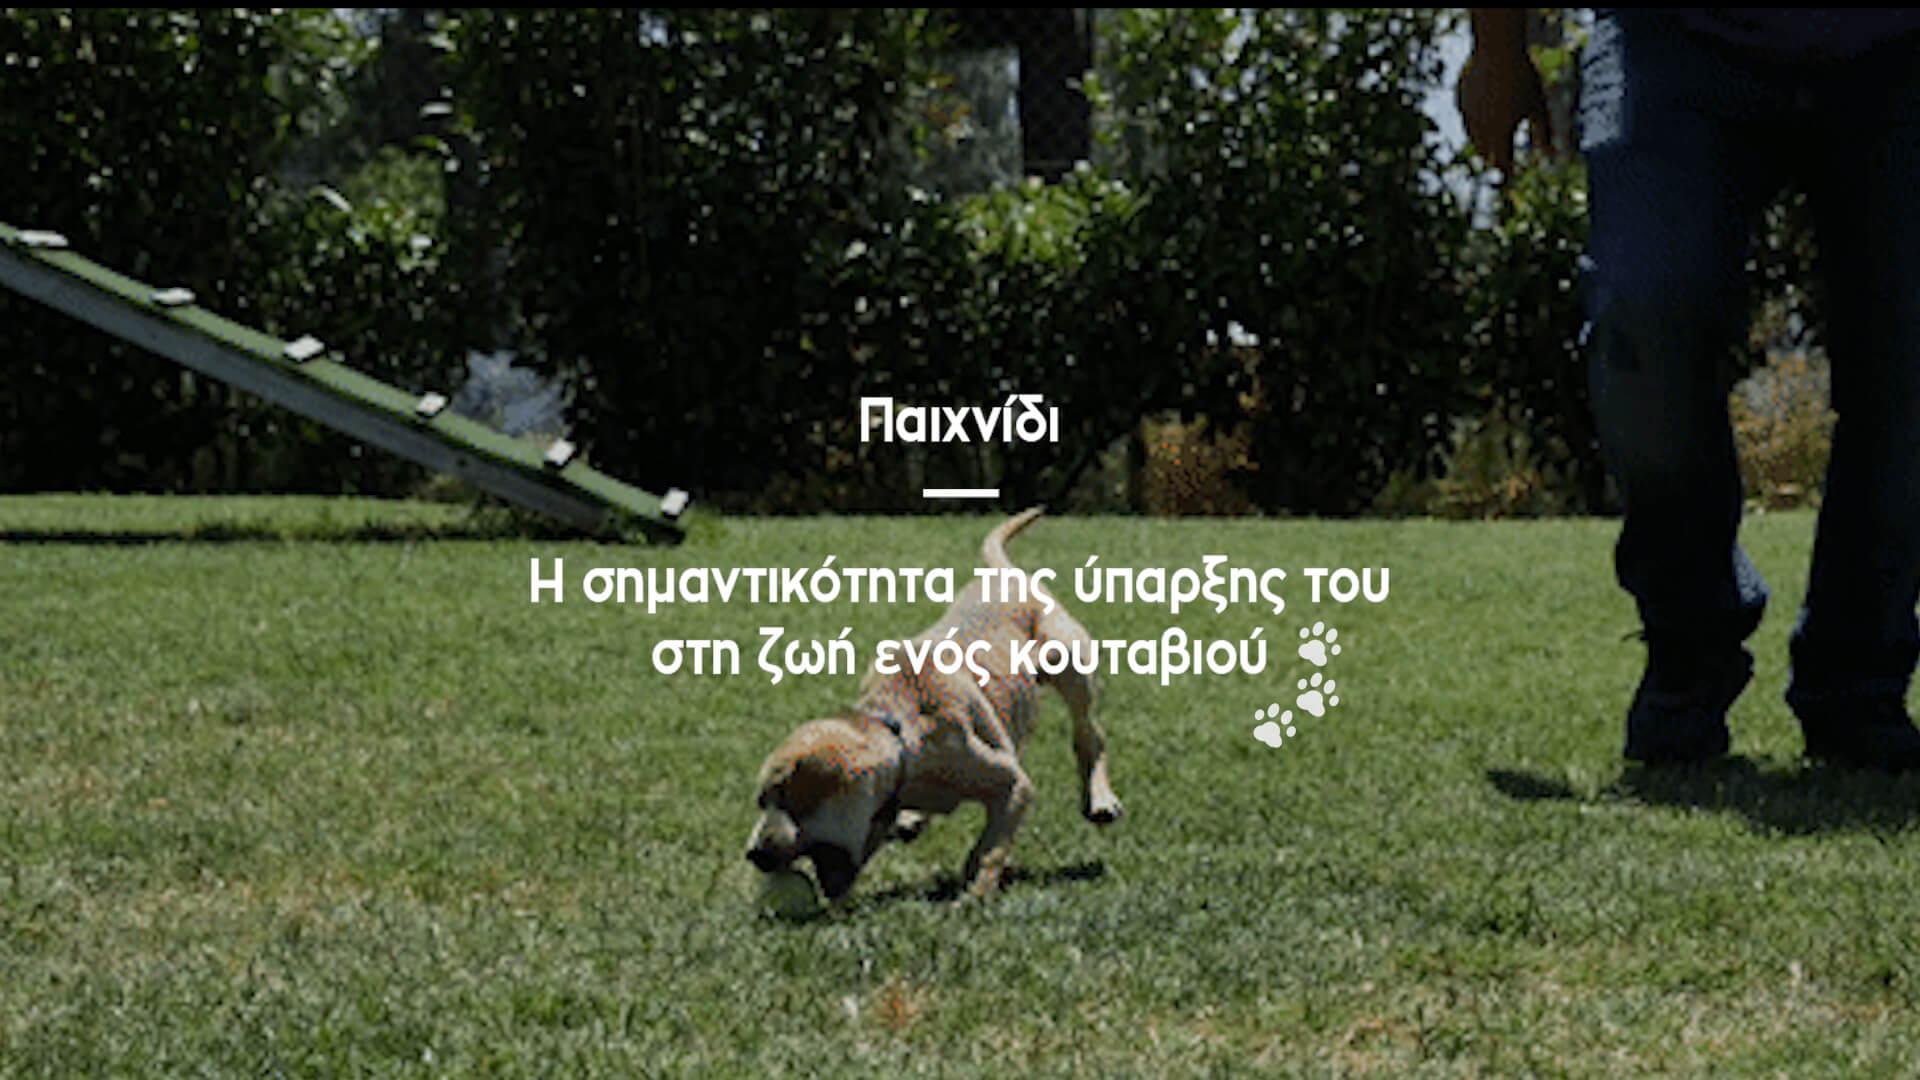 paixnidi